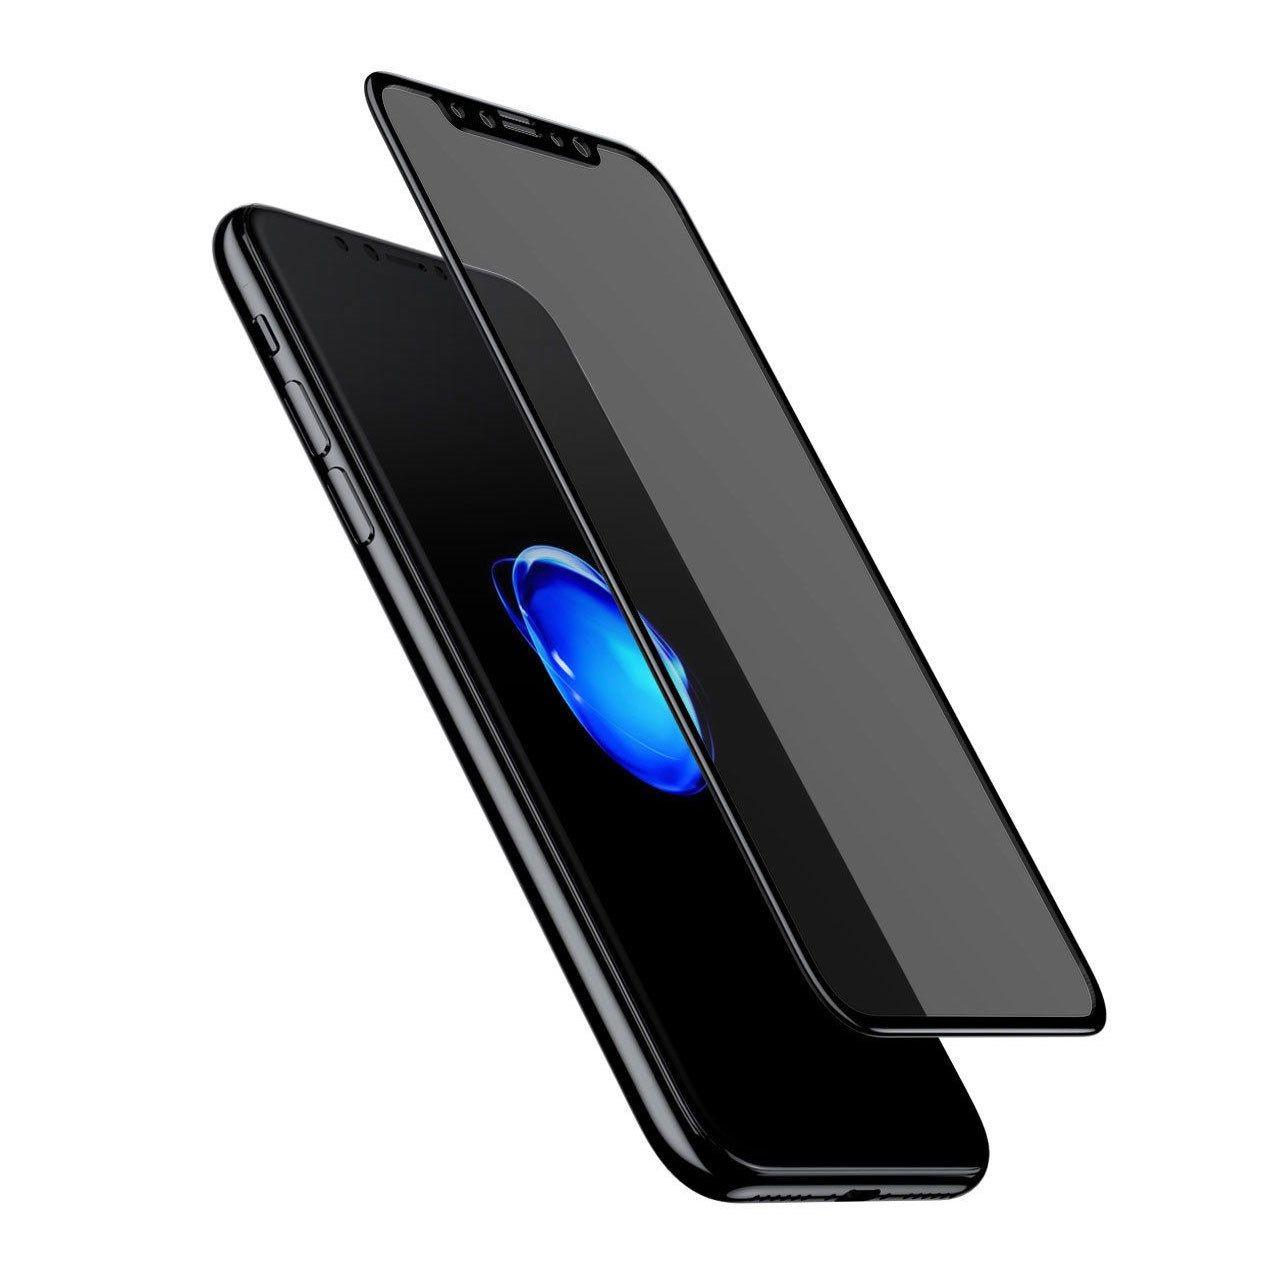 محافظ صفحه نمایش شیشه ای باسئوس مدلSoft edge Anti-peeping مناسب برای آیفون 10/X